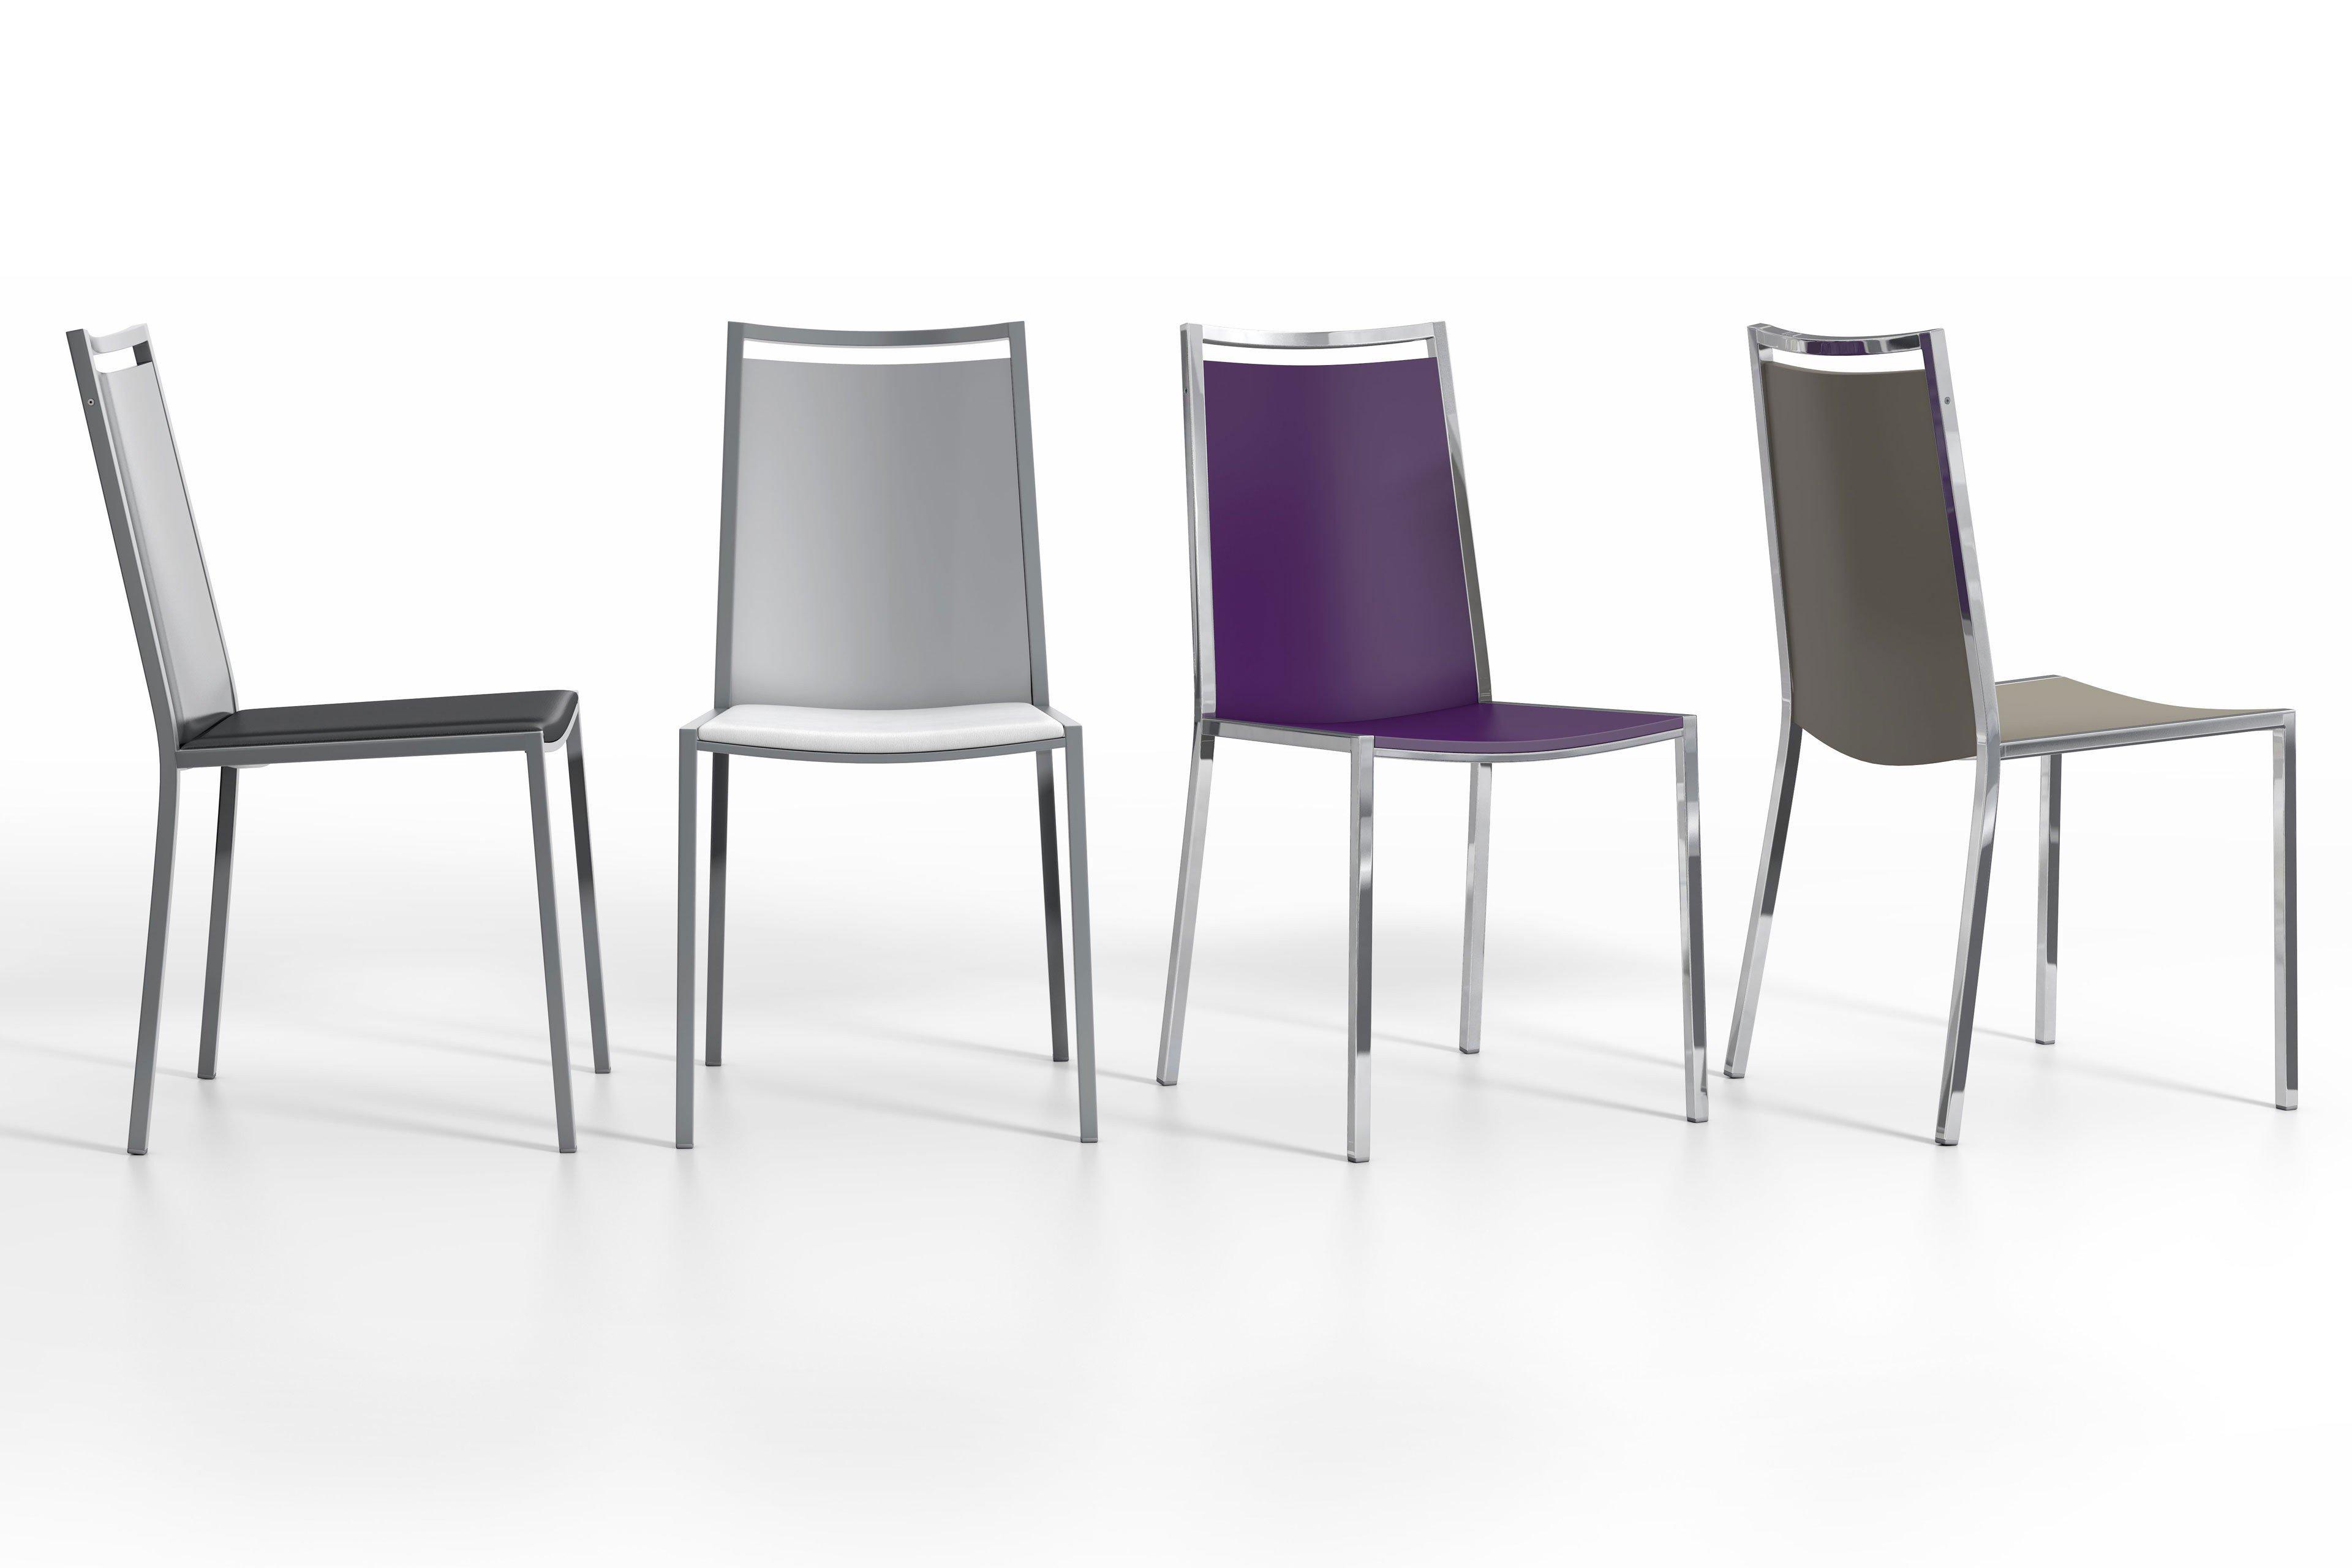 Beeindruckend Weisse Stühle Ideen Von Concept Von Cancio - Stuhl Mit Sitzpolster